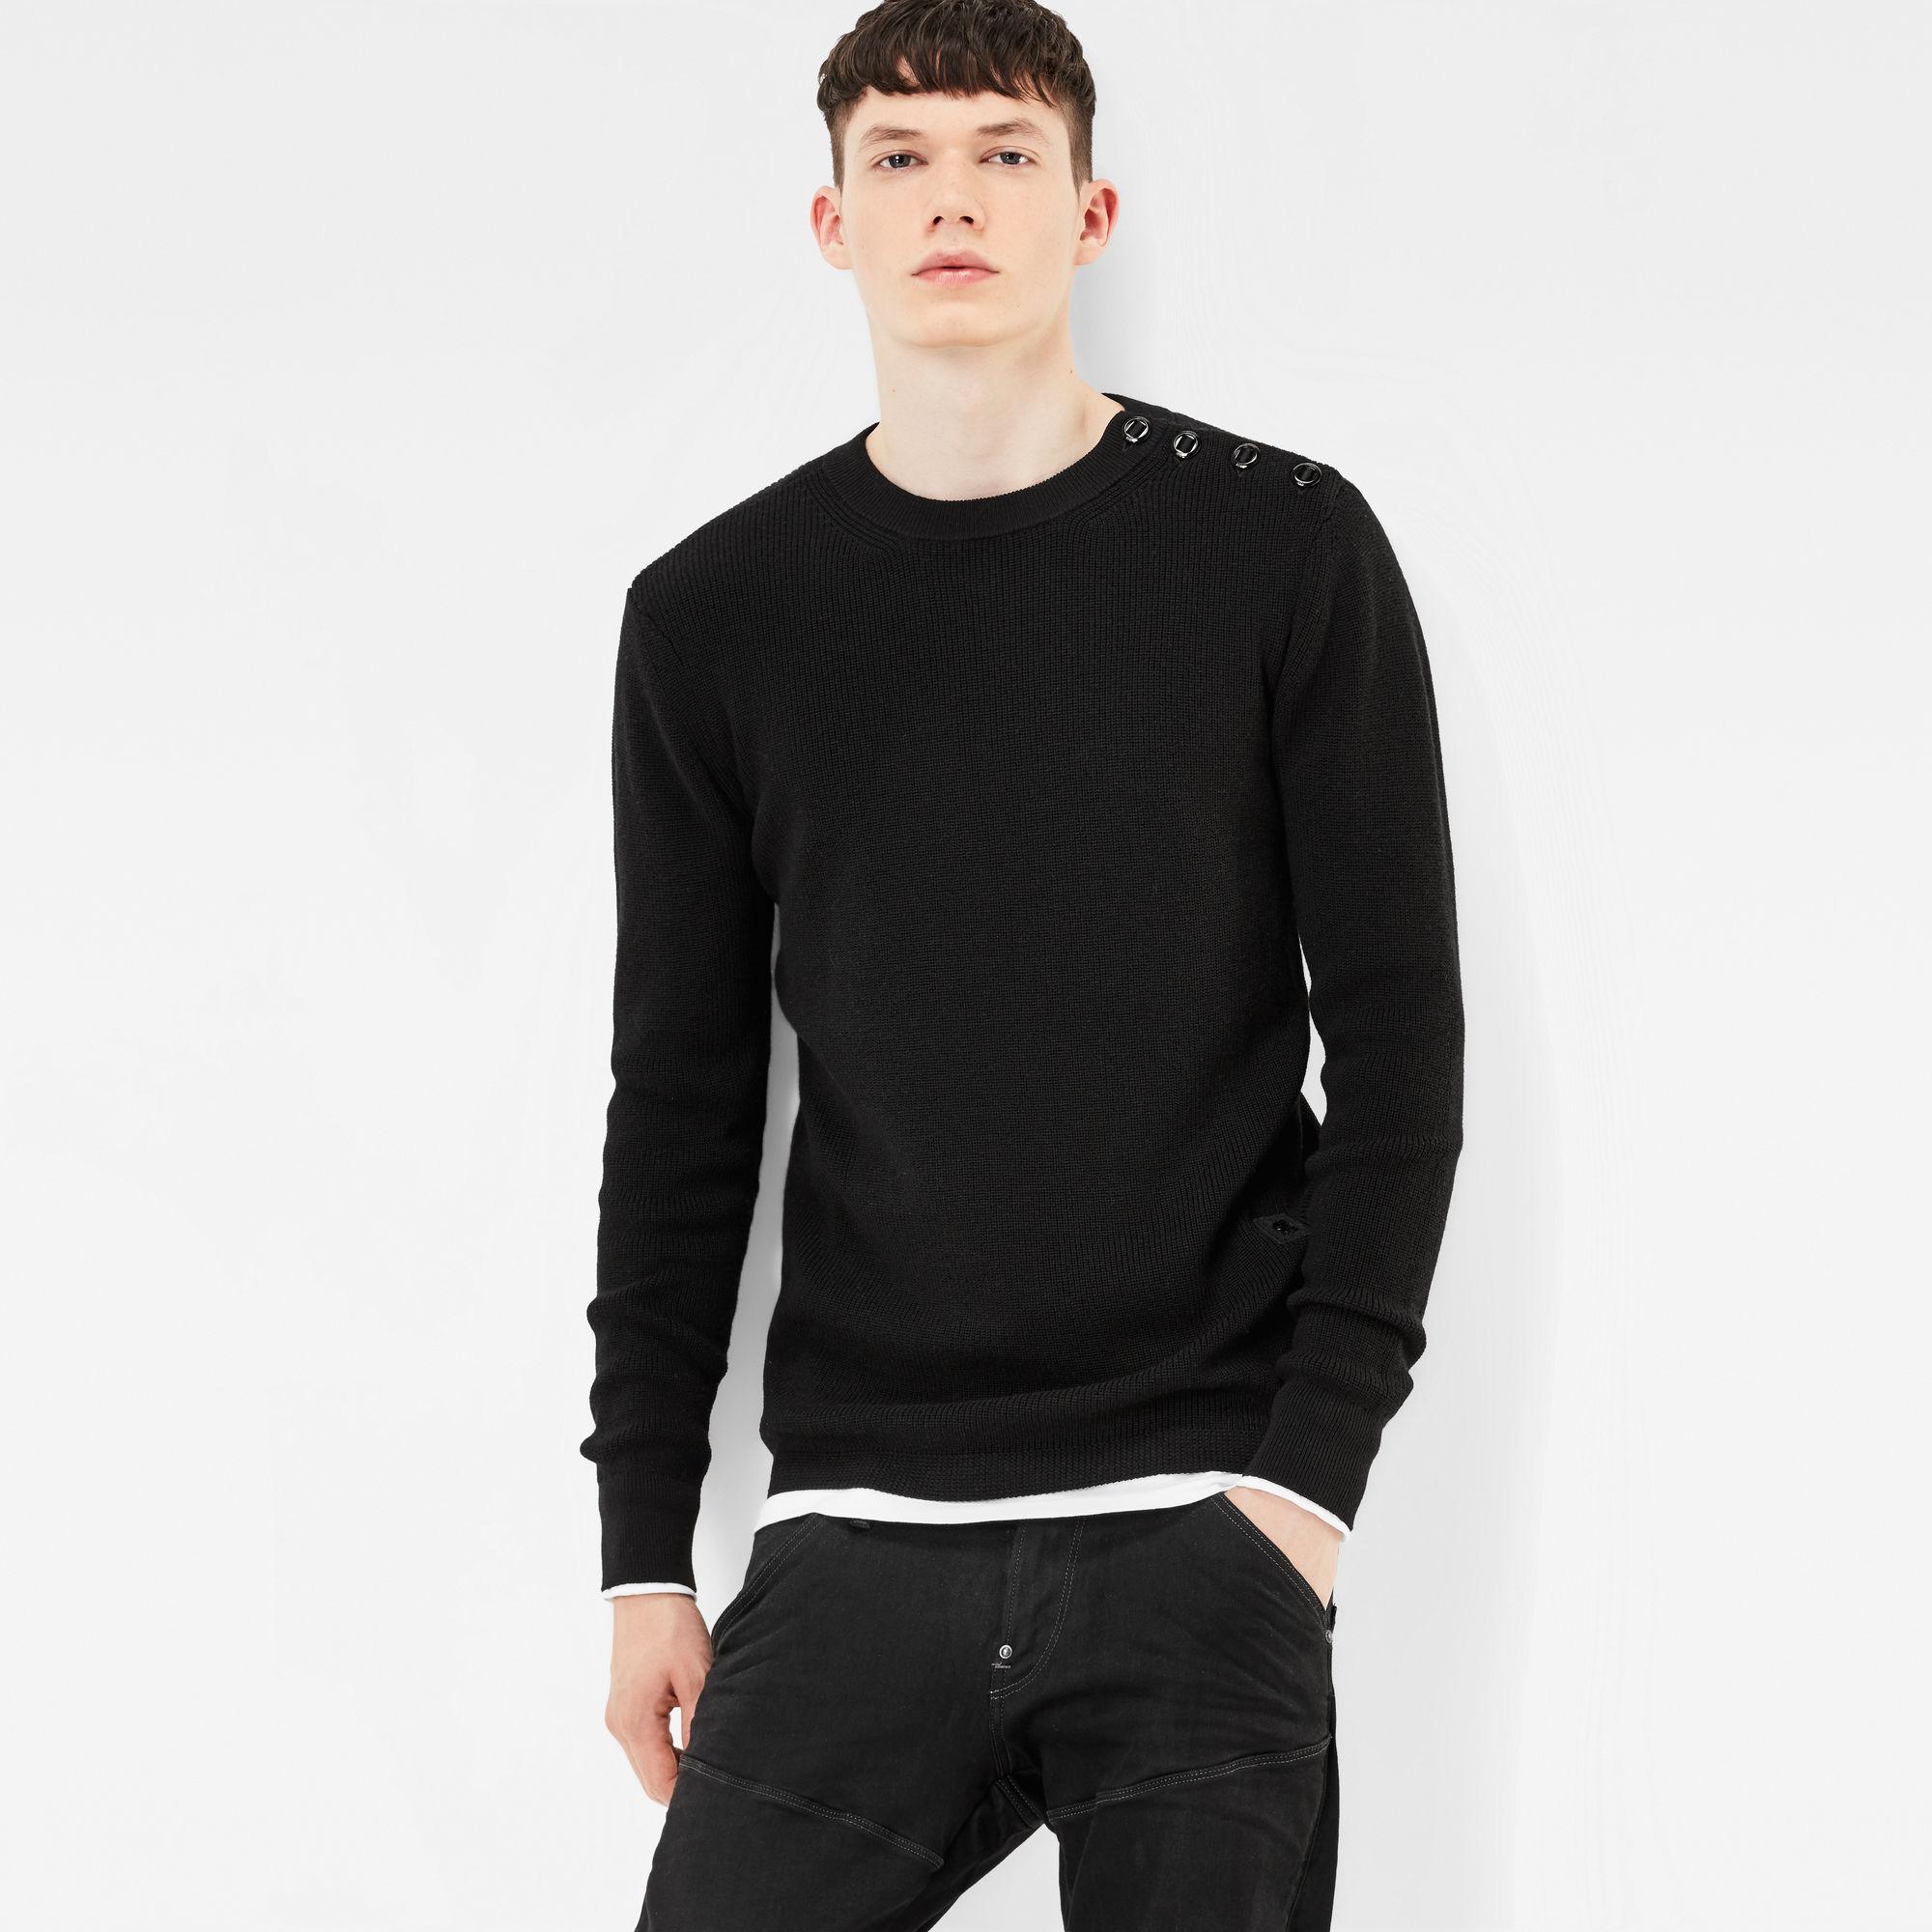 MT Dadin Knit Regular Fit Pullover